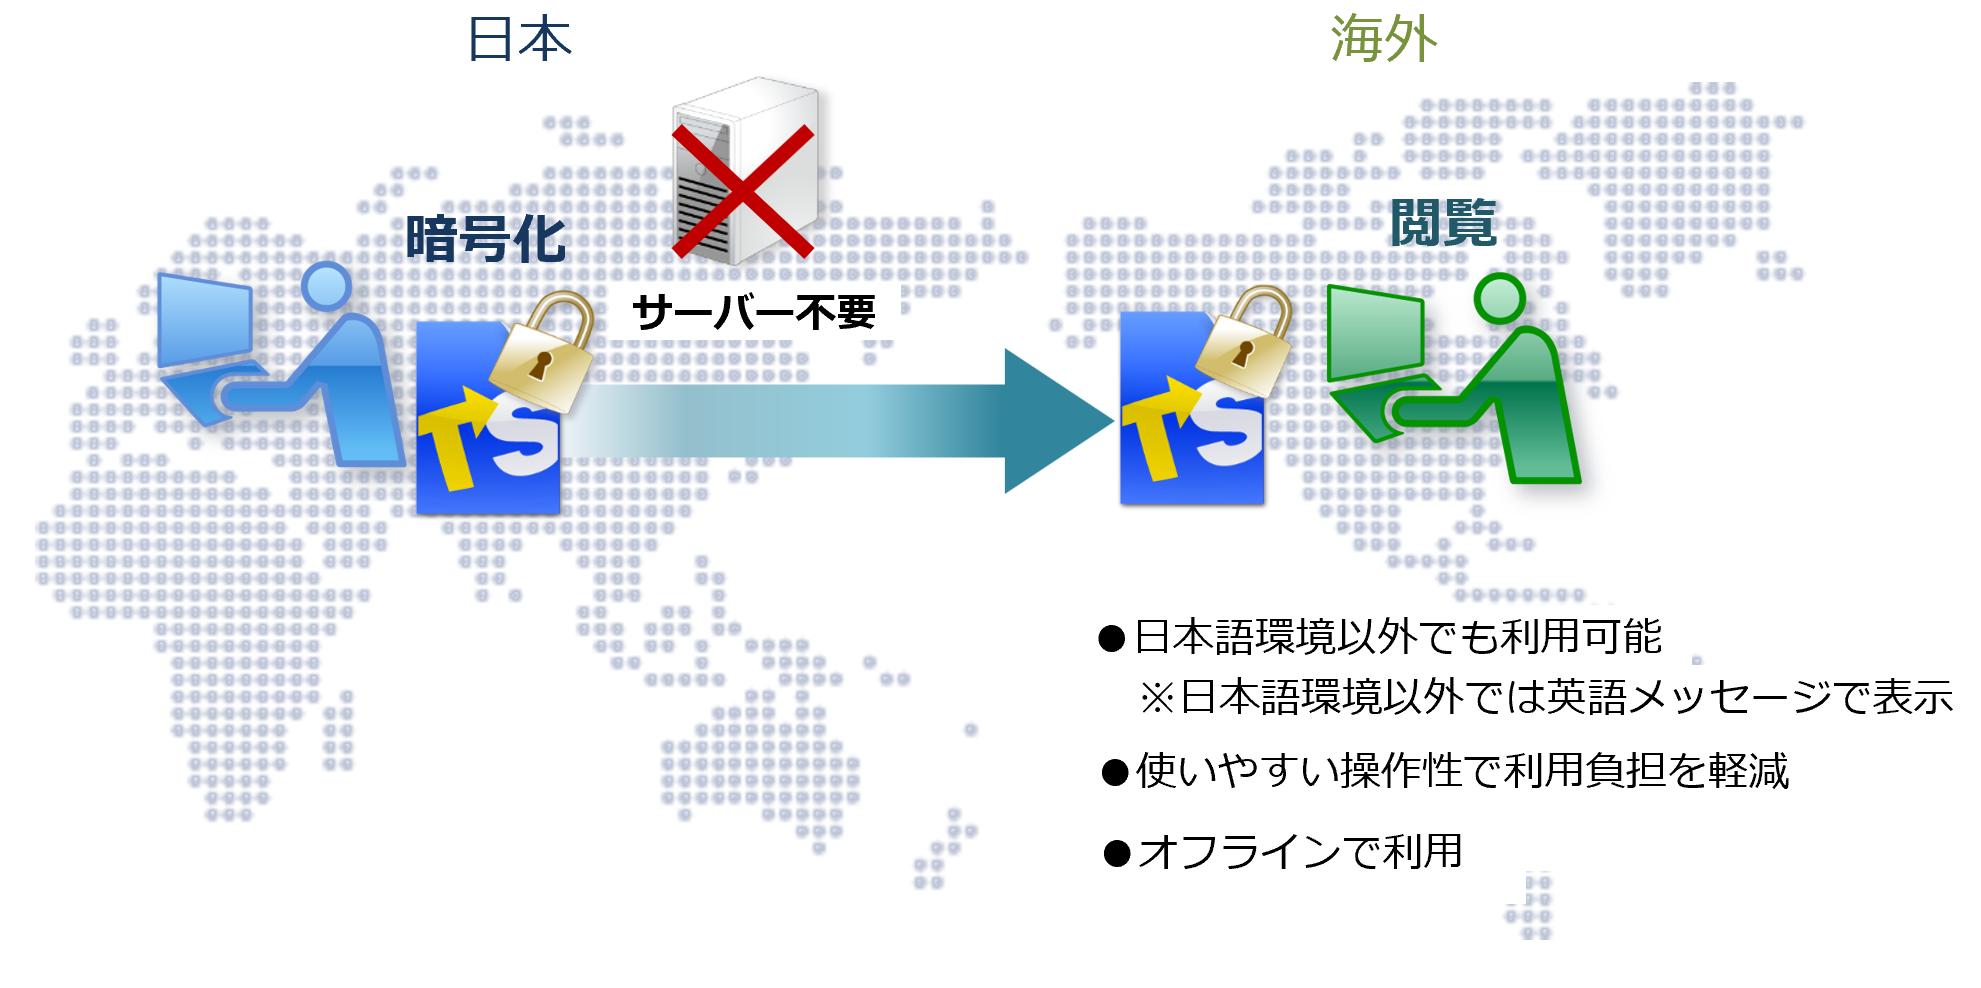 日本語環境以外にも対応。海外へのファイル配布に利用。